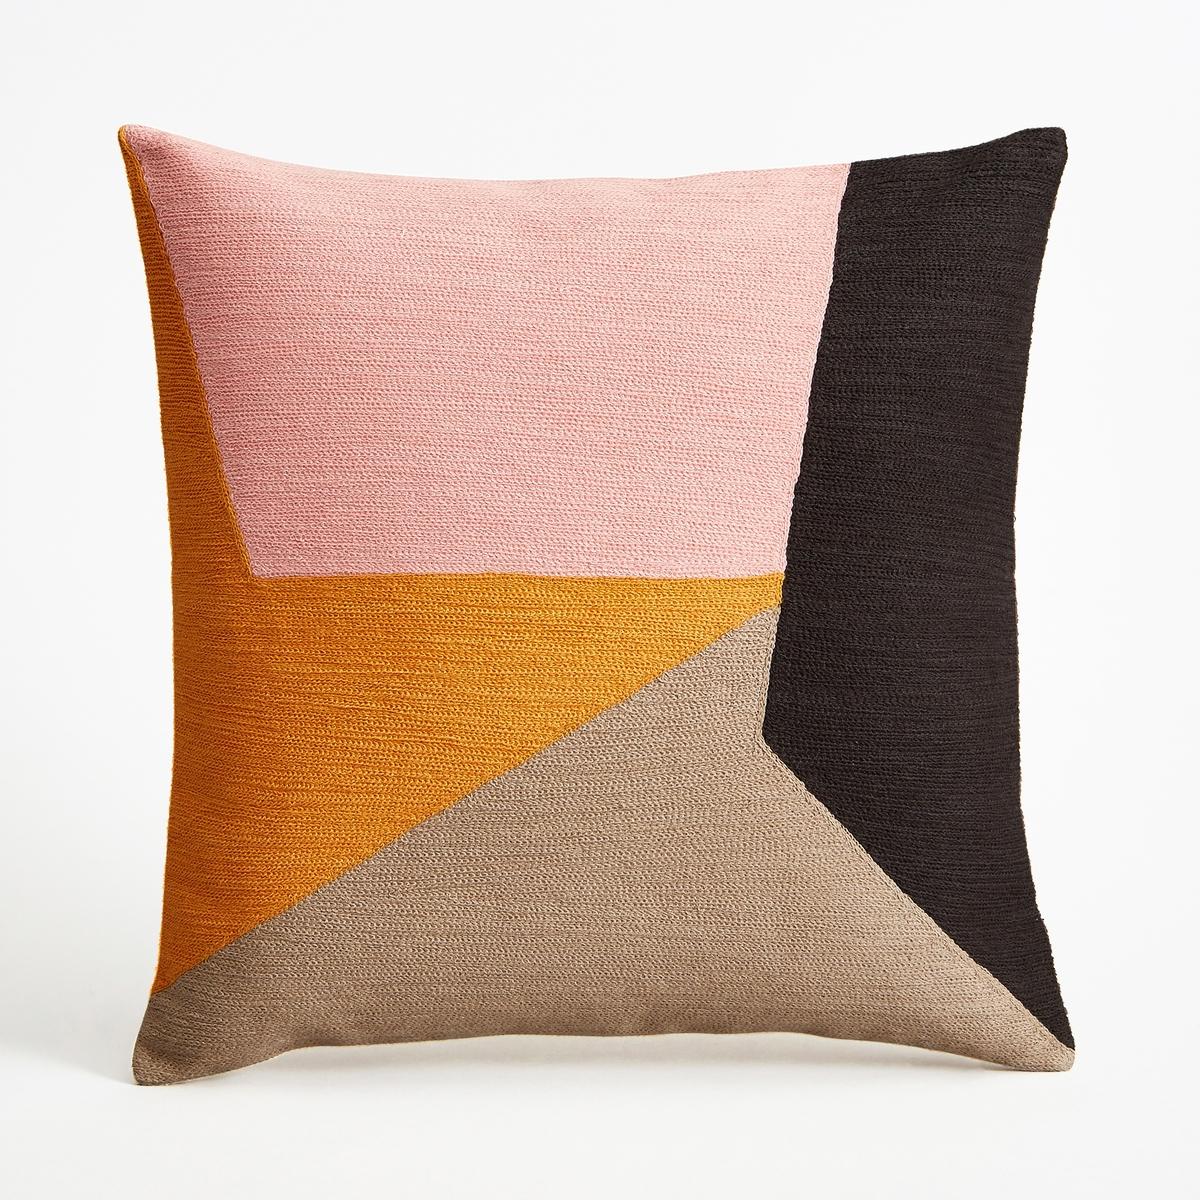 Наволочка на подушку-валик SaddlerНаволочка на подушку-валик Saddler. Вышитый графический рисунок кораллового, розового и черного цветов в виде лоскутов ткани. Однотонная оборотная сторона естественного цвета. Из 100% хлопка, на подкладке. Застежка на молнию наверху. Размеры : 45 x 45 см. Подушка продается отдельно.<br><br>Цвет: розовый/ оранжевый<br>Размер: 45 x 45  см